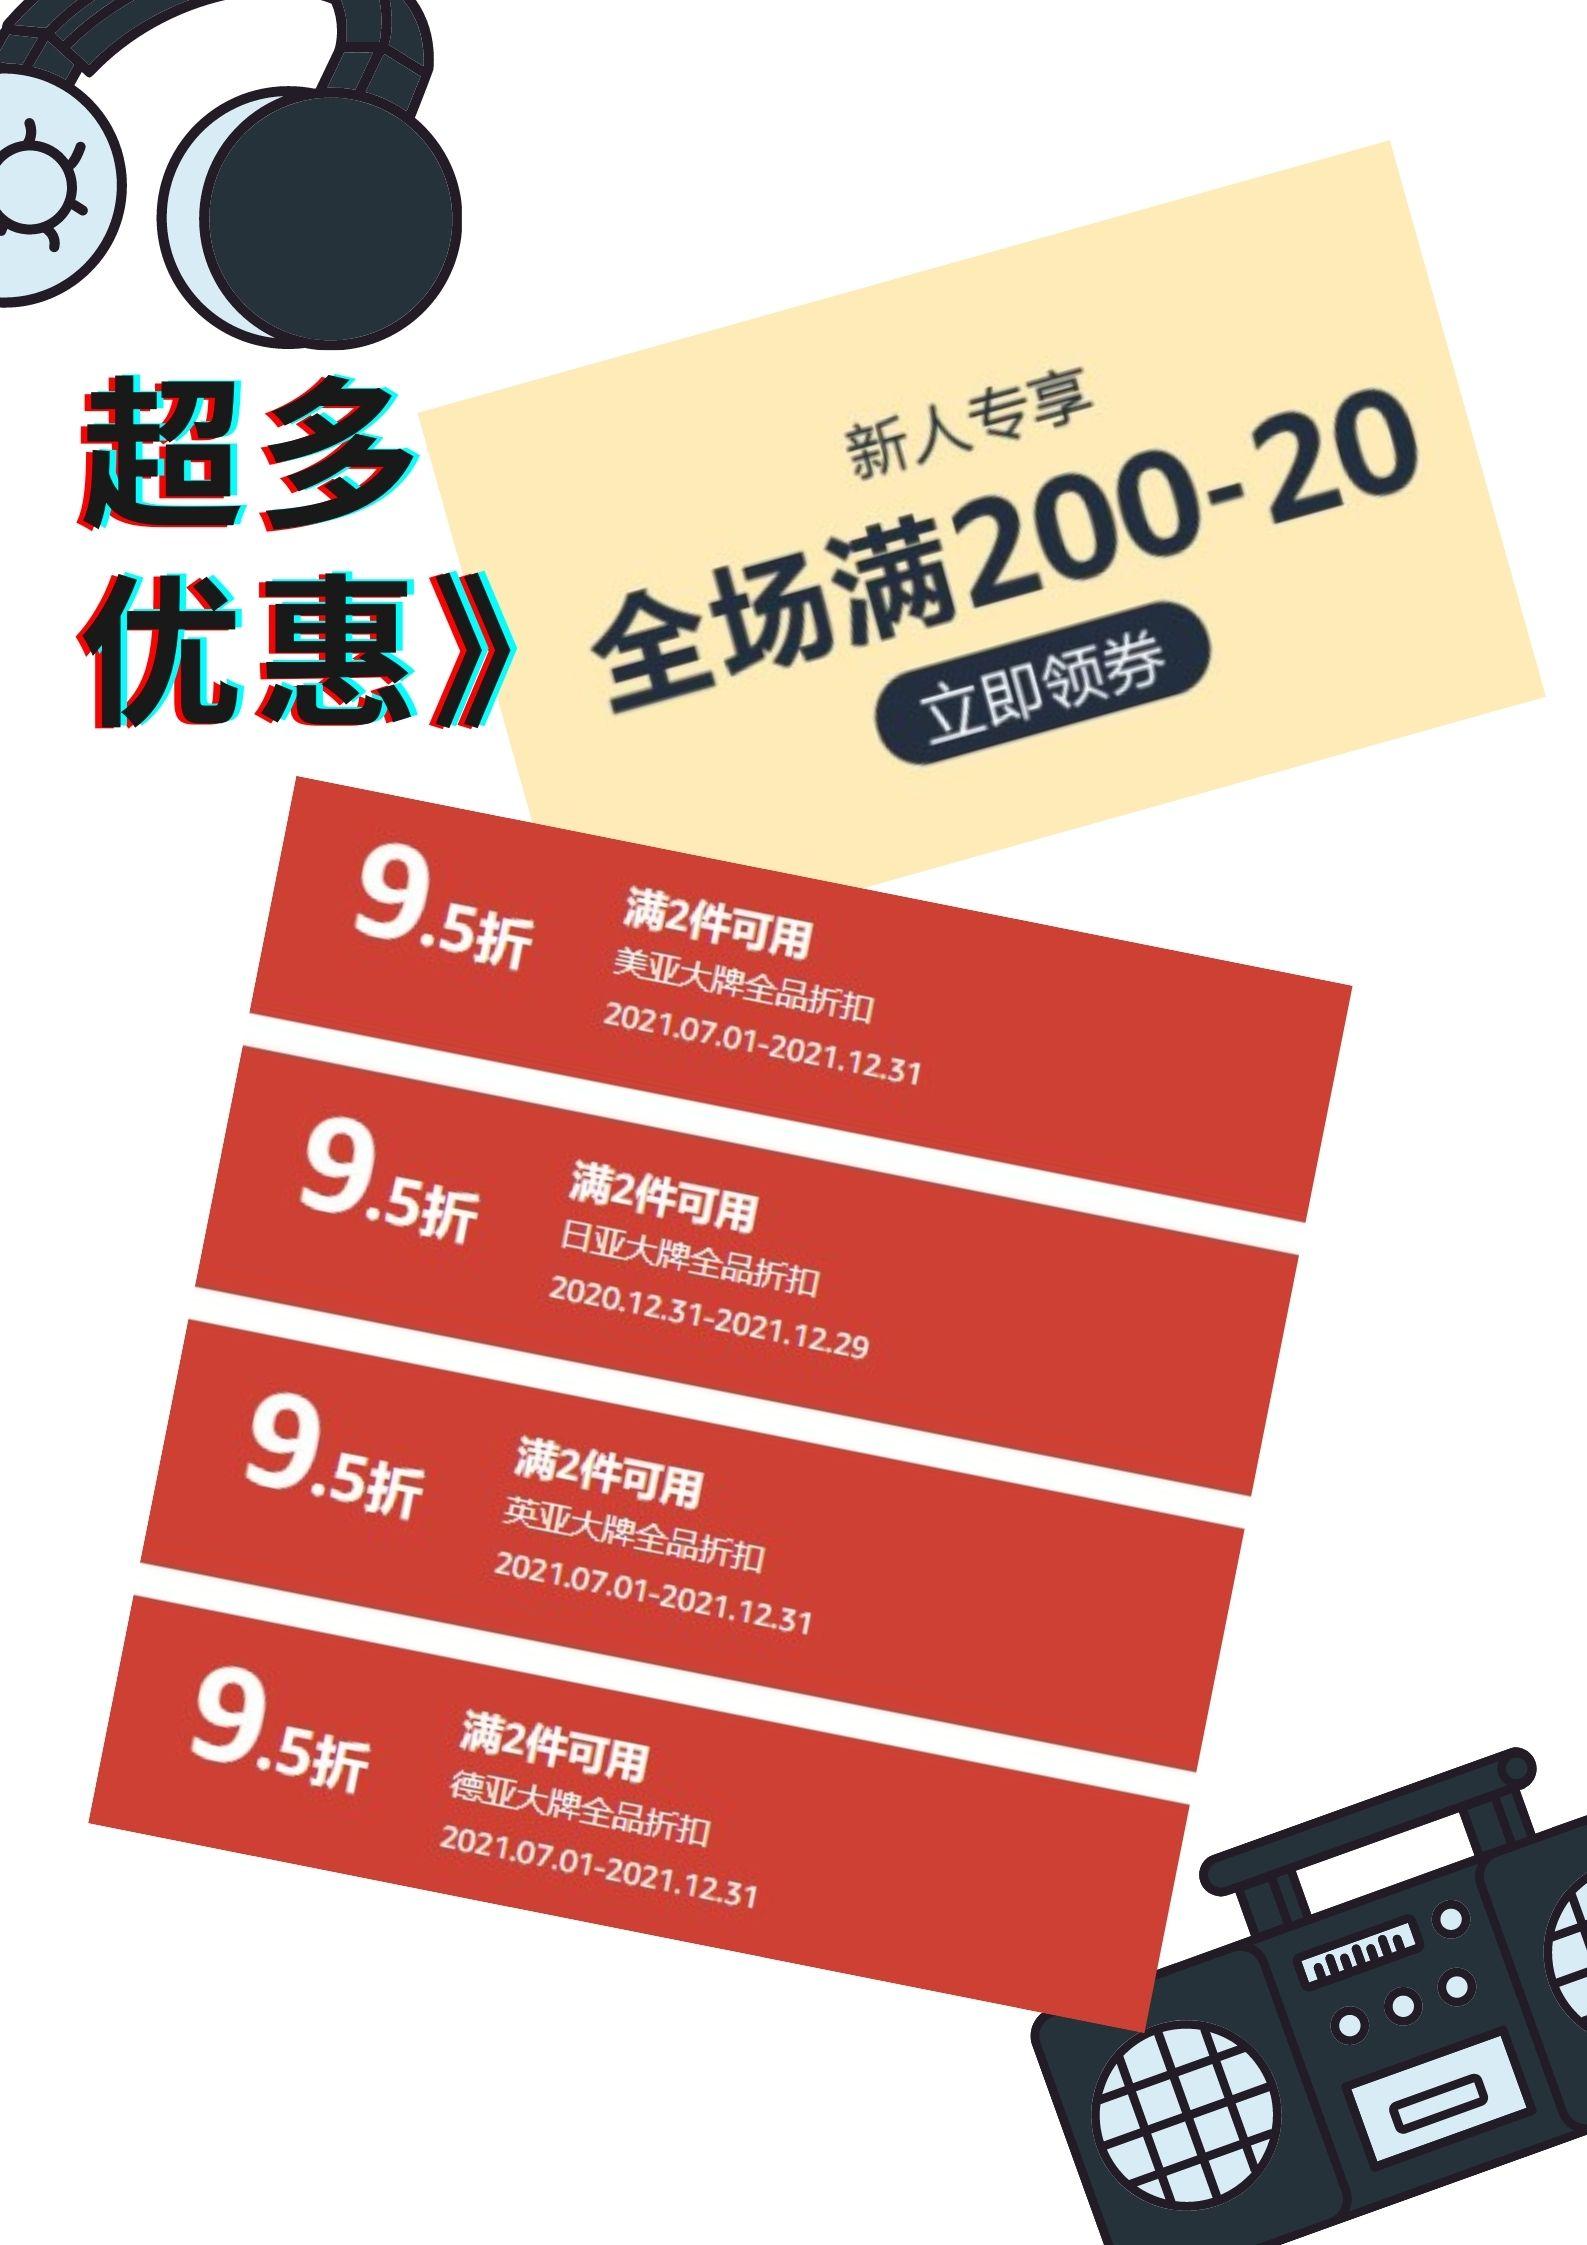 亚马逊海外购优惠券示例:新人满200减20和满两件95折优惠券